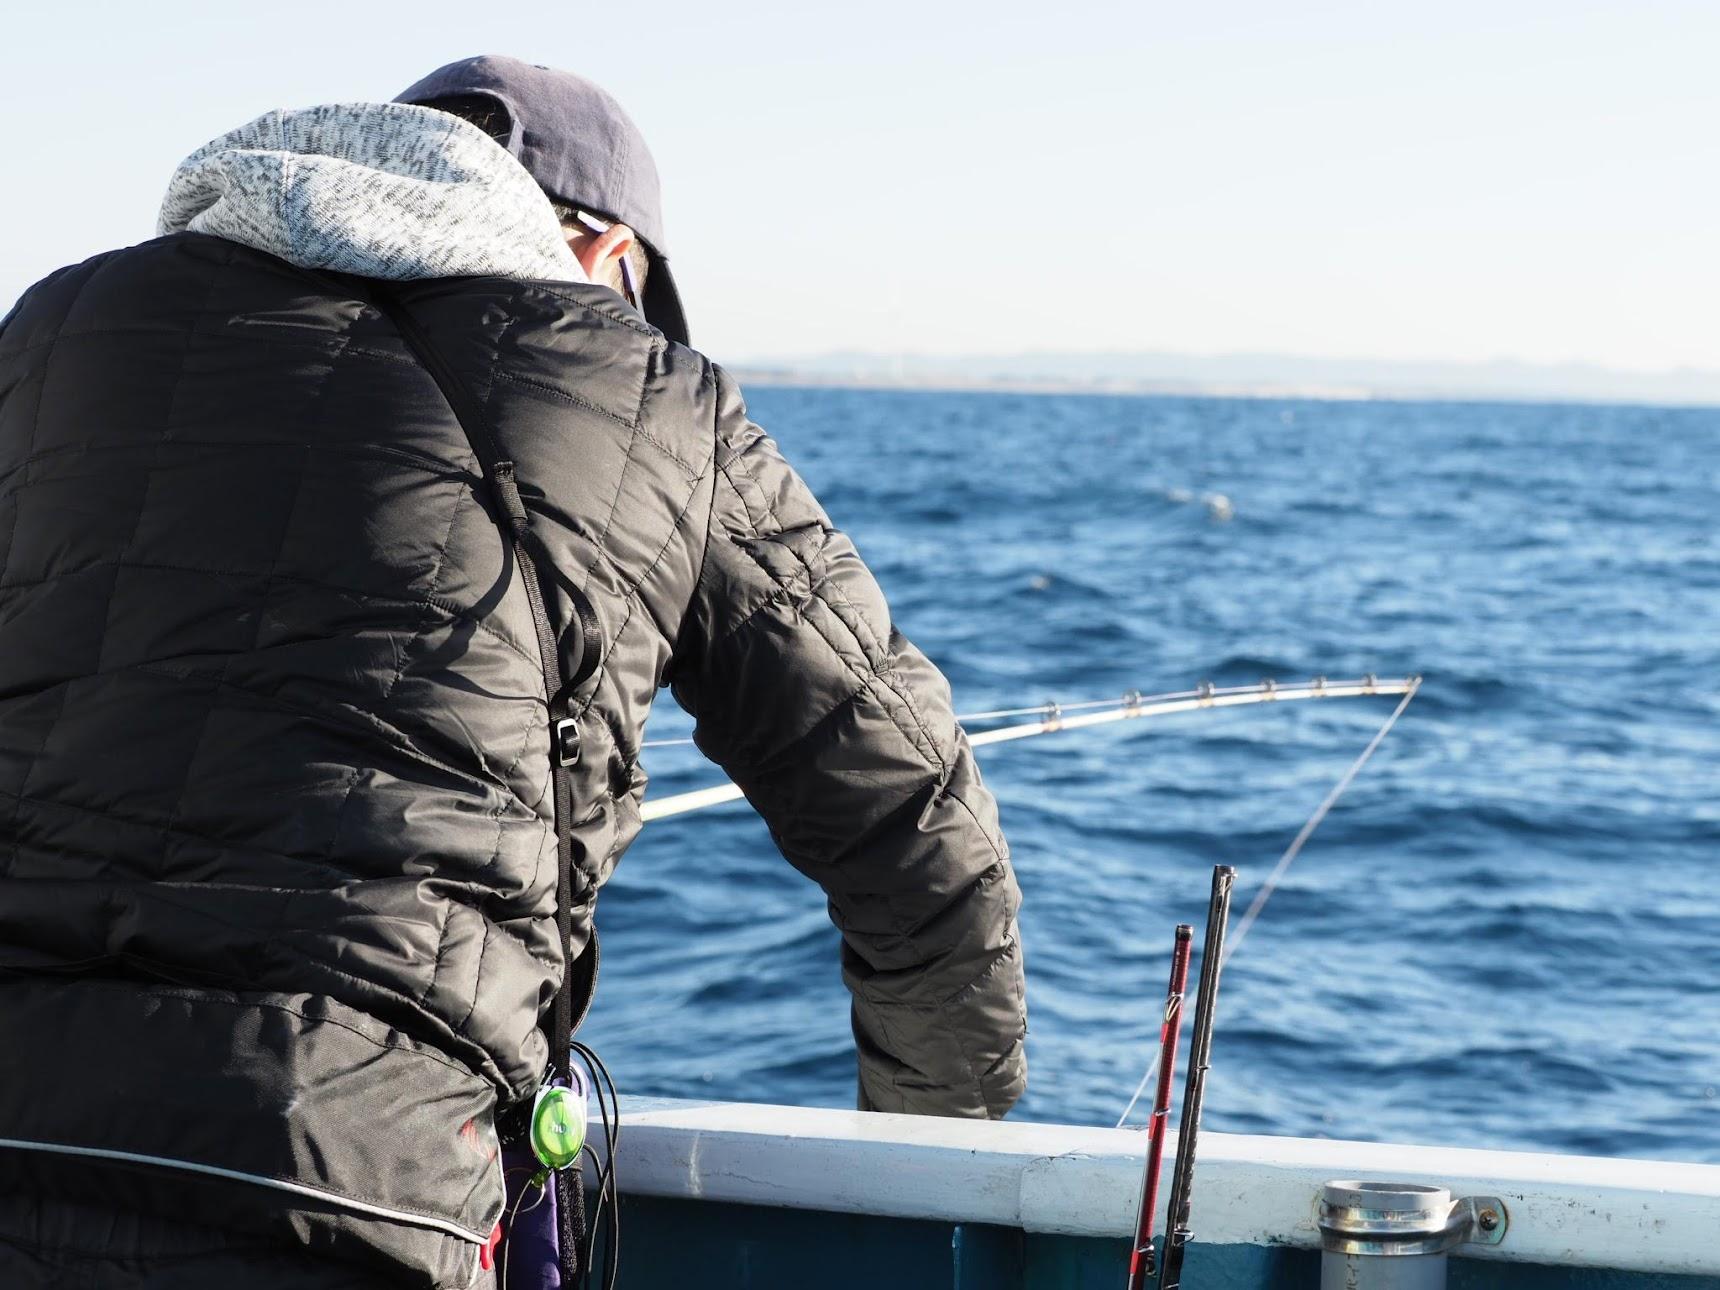 仕掛けを引き上げる釣り人